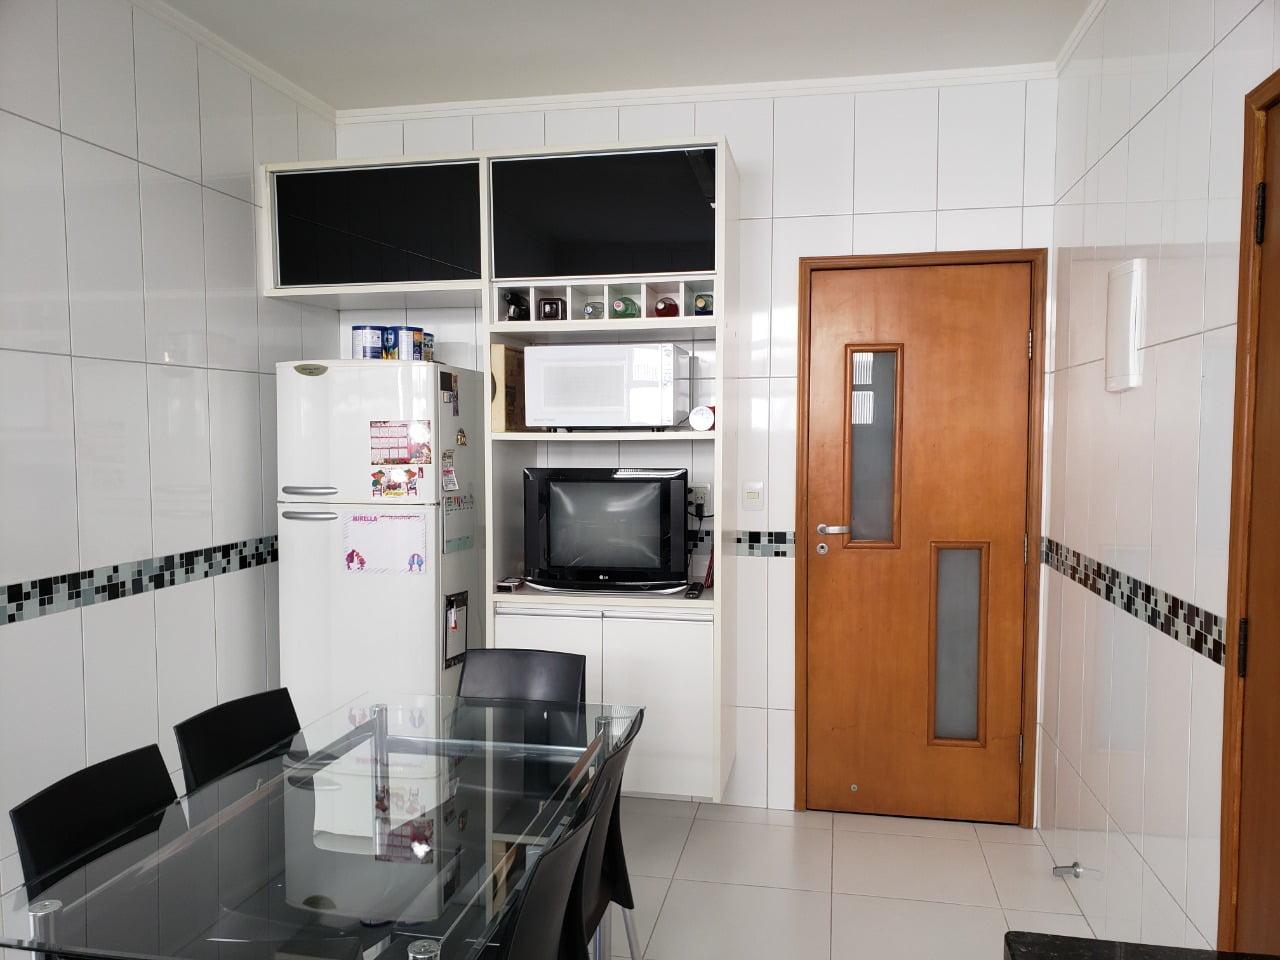 Apartamento no Bairro do Embaré , Santos , sendo 1º Andar, 3 dormitórios, 2 banheiros e garagem fechada. Todo reformado - foto 23